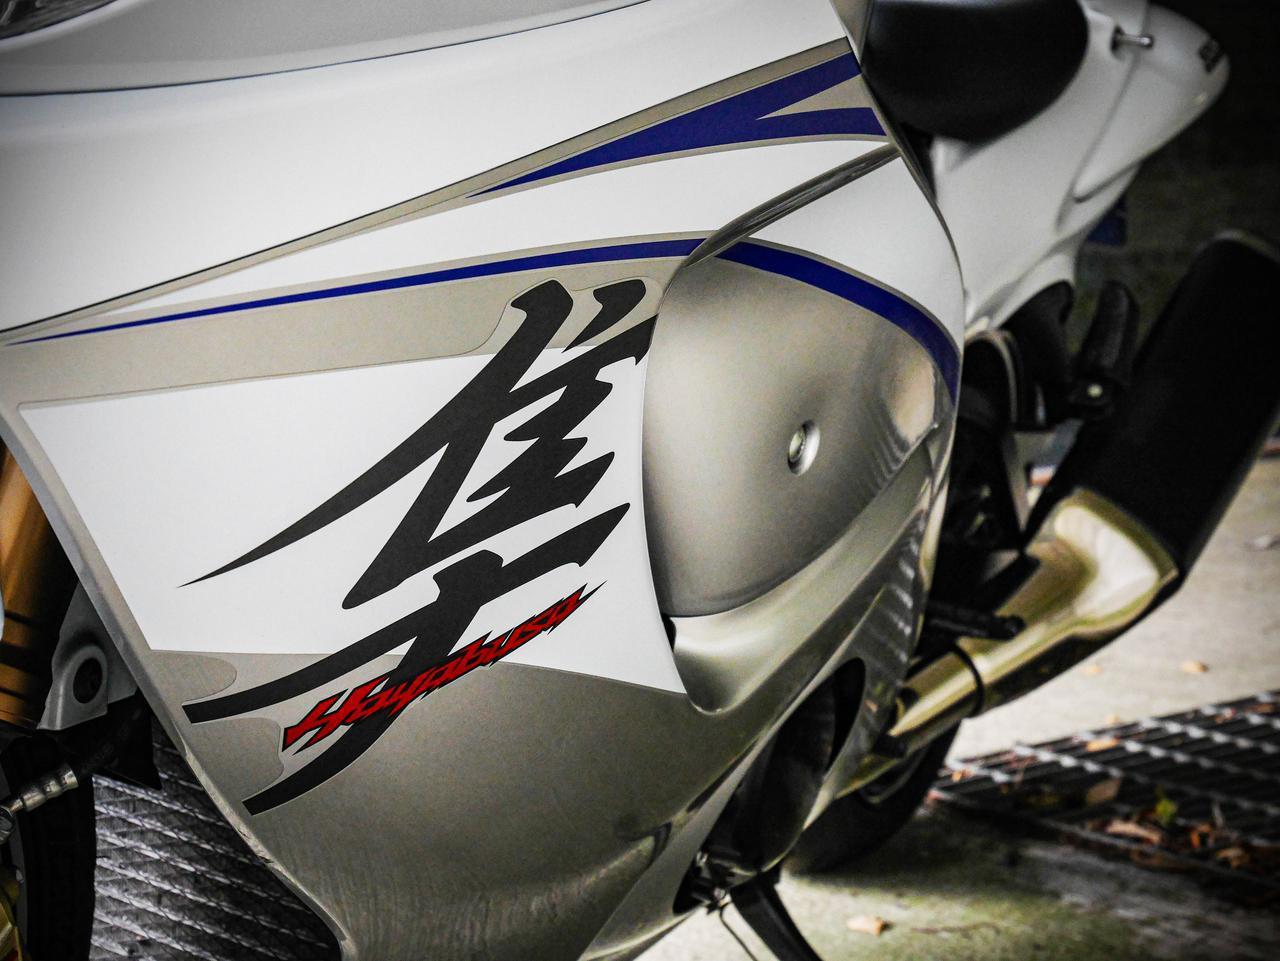 画像: スズキの隼(ハヤブサ)に『乗ってて良かった』と思う⑩のこと - スズキのバイク!